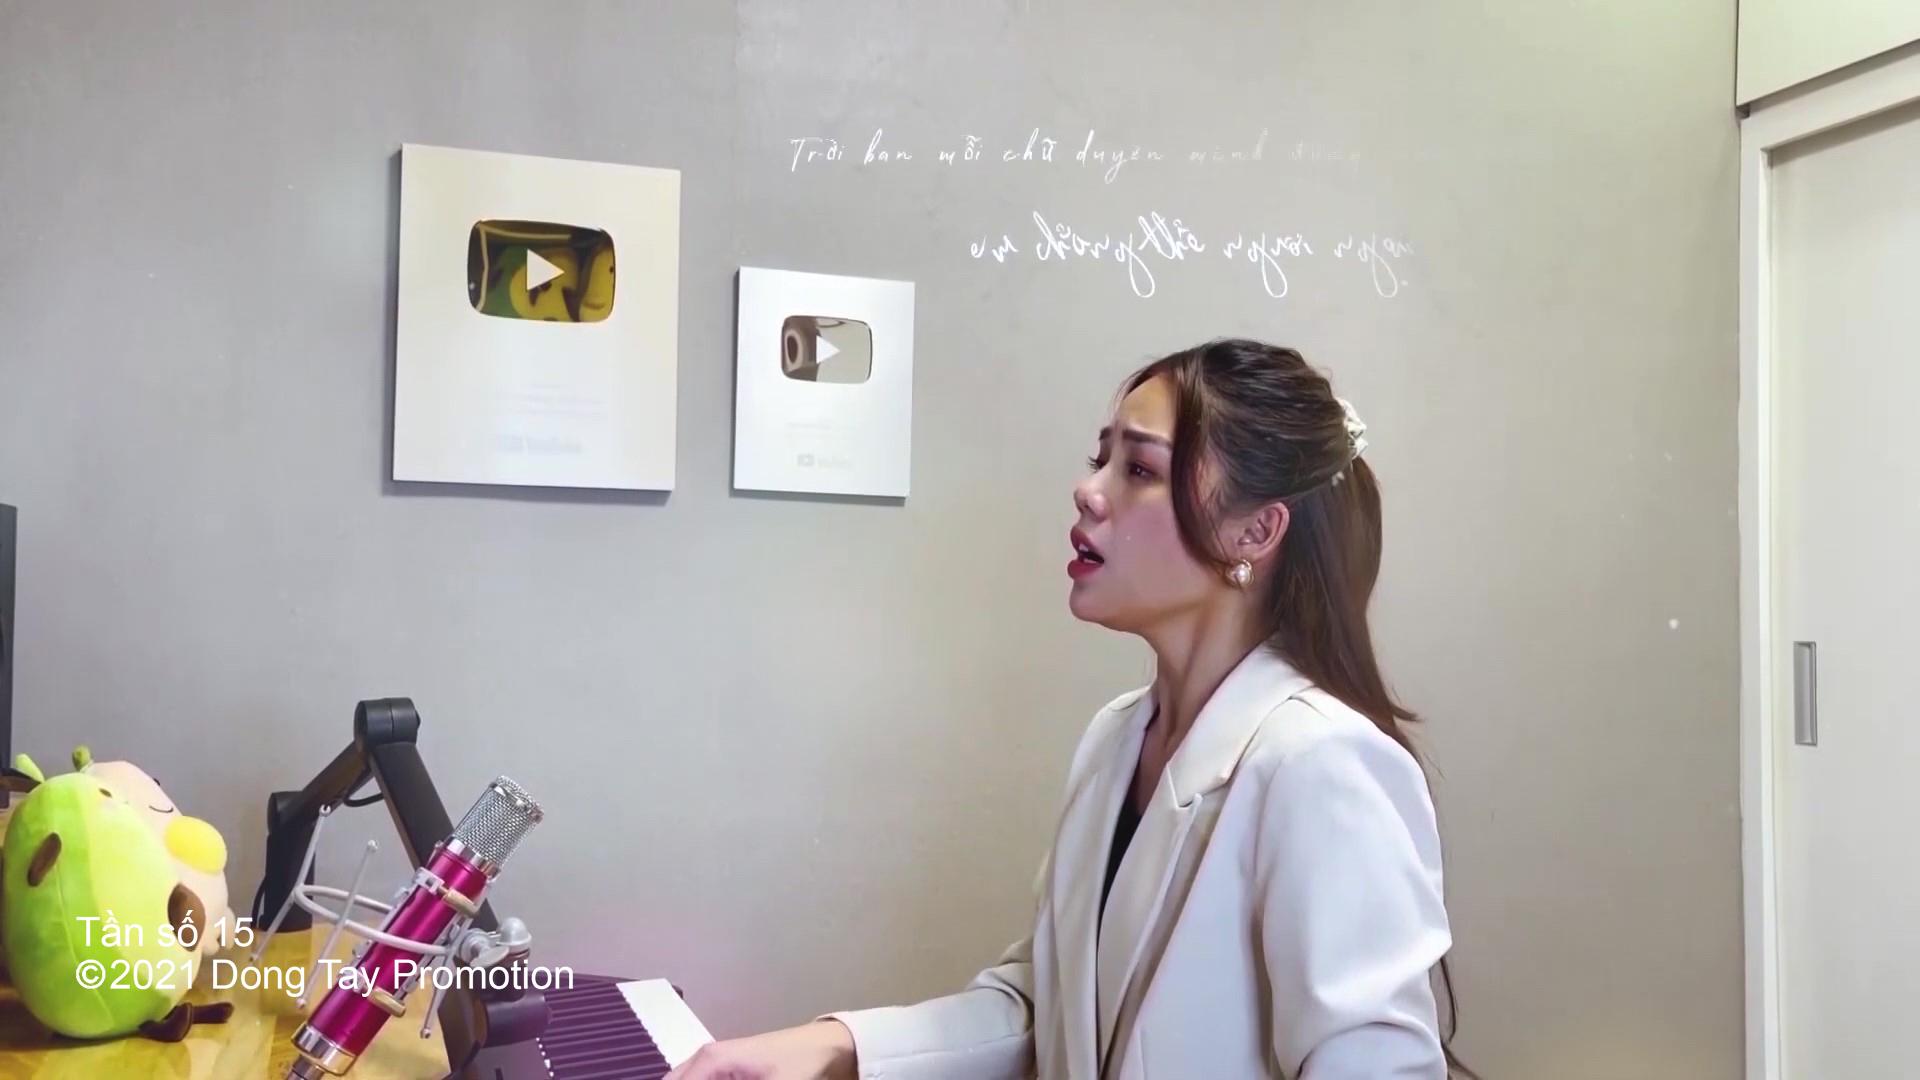 """Thanh Duy tiết lộ dự án tại gia, kể chuyện """"tình anh bán chiếu"""" phiên bản mới lạ  - Ảnh 5"""